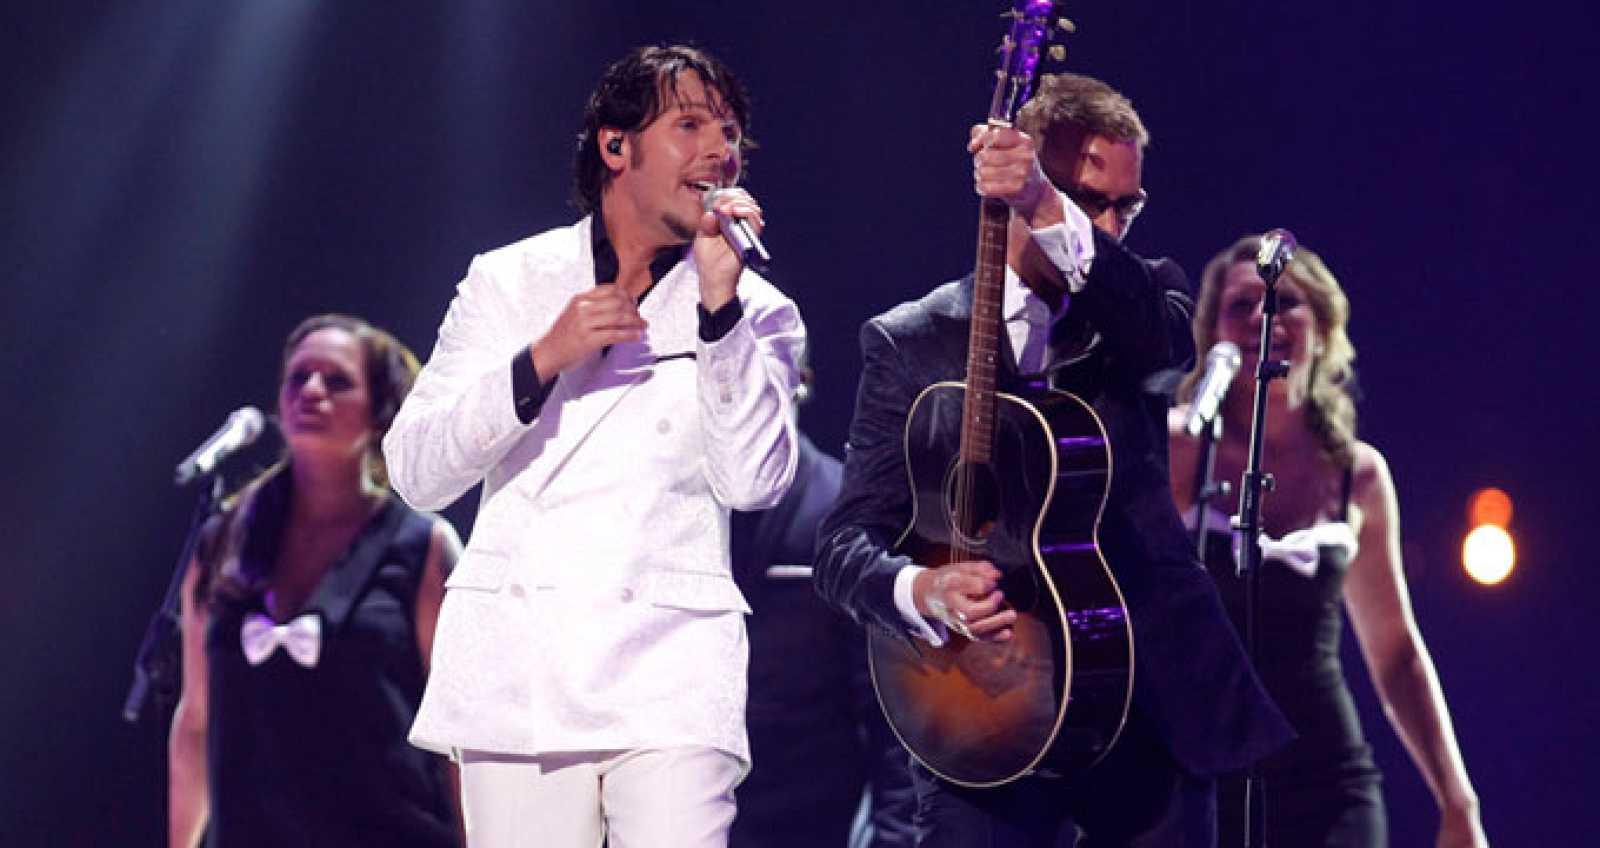 Eurovisión 2011 - 2ª semifinal - Países Bajos